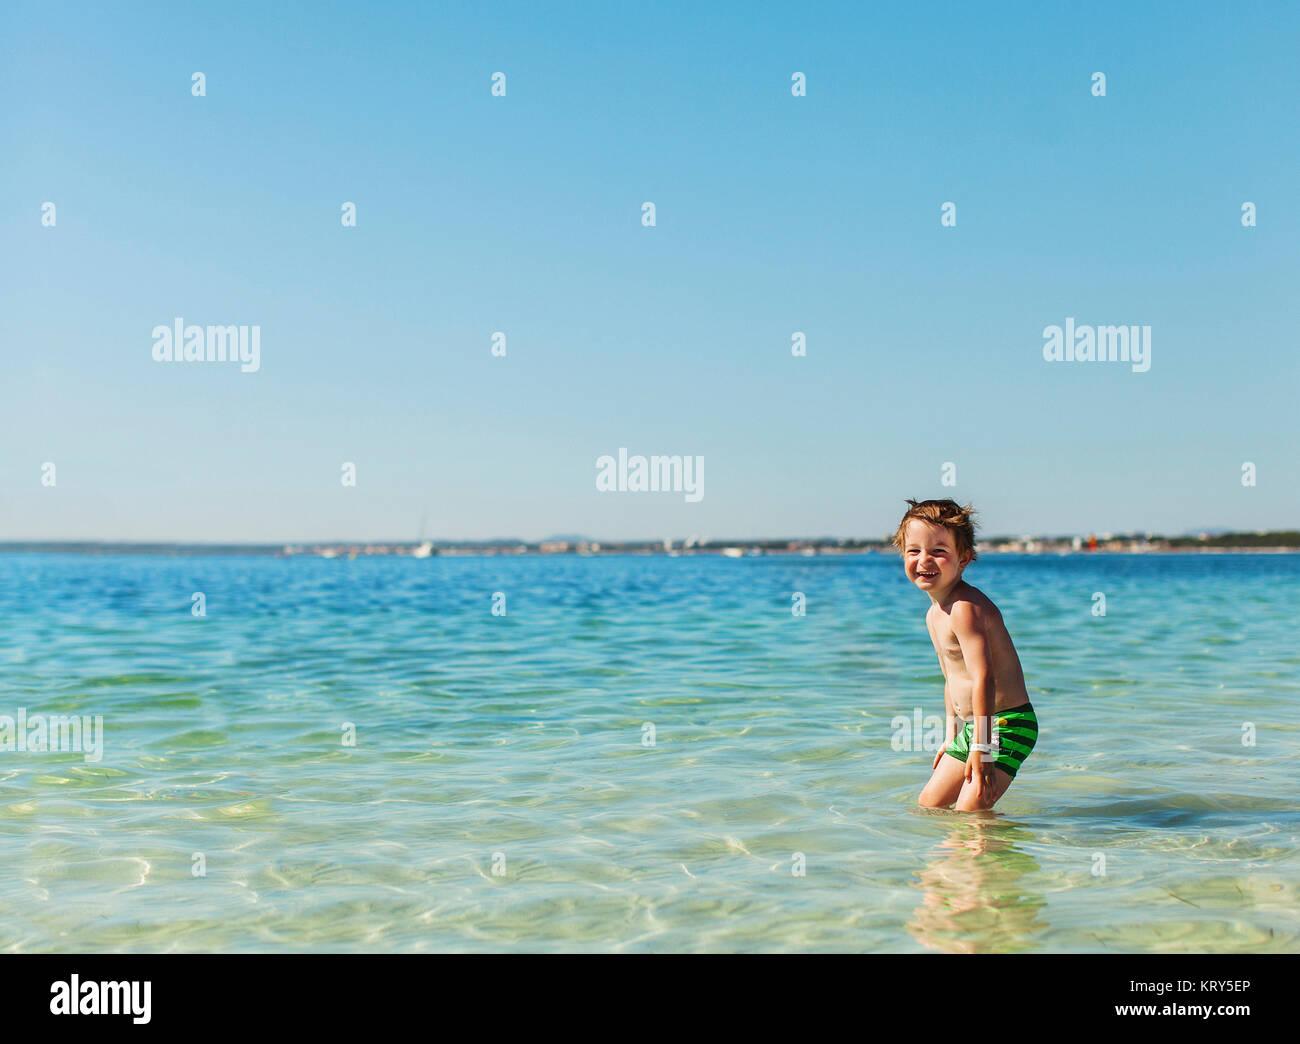 Un jeune garçon nager dans la mer Photo Stock